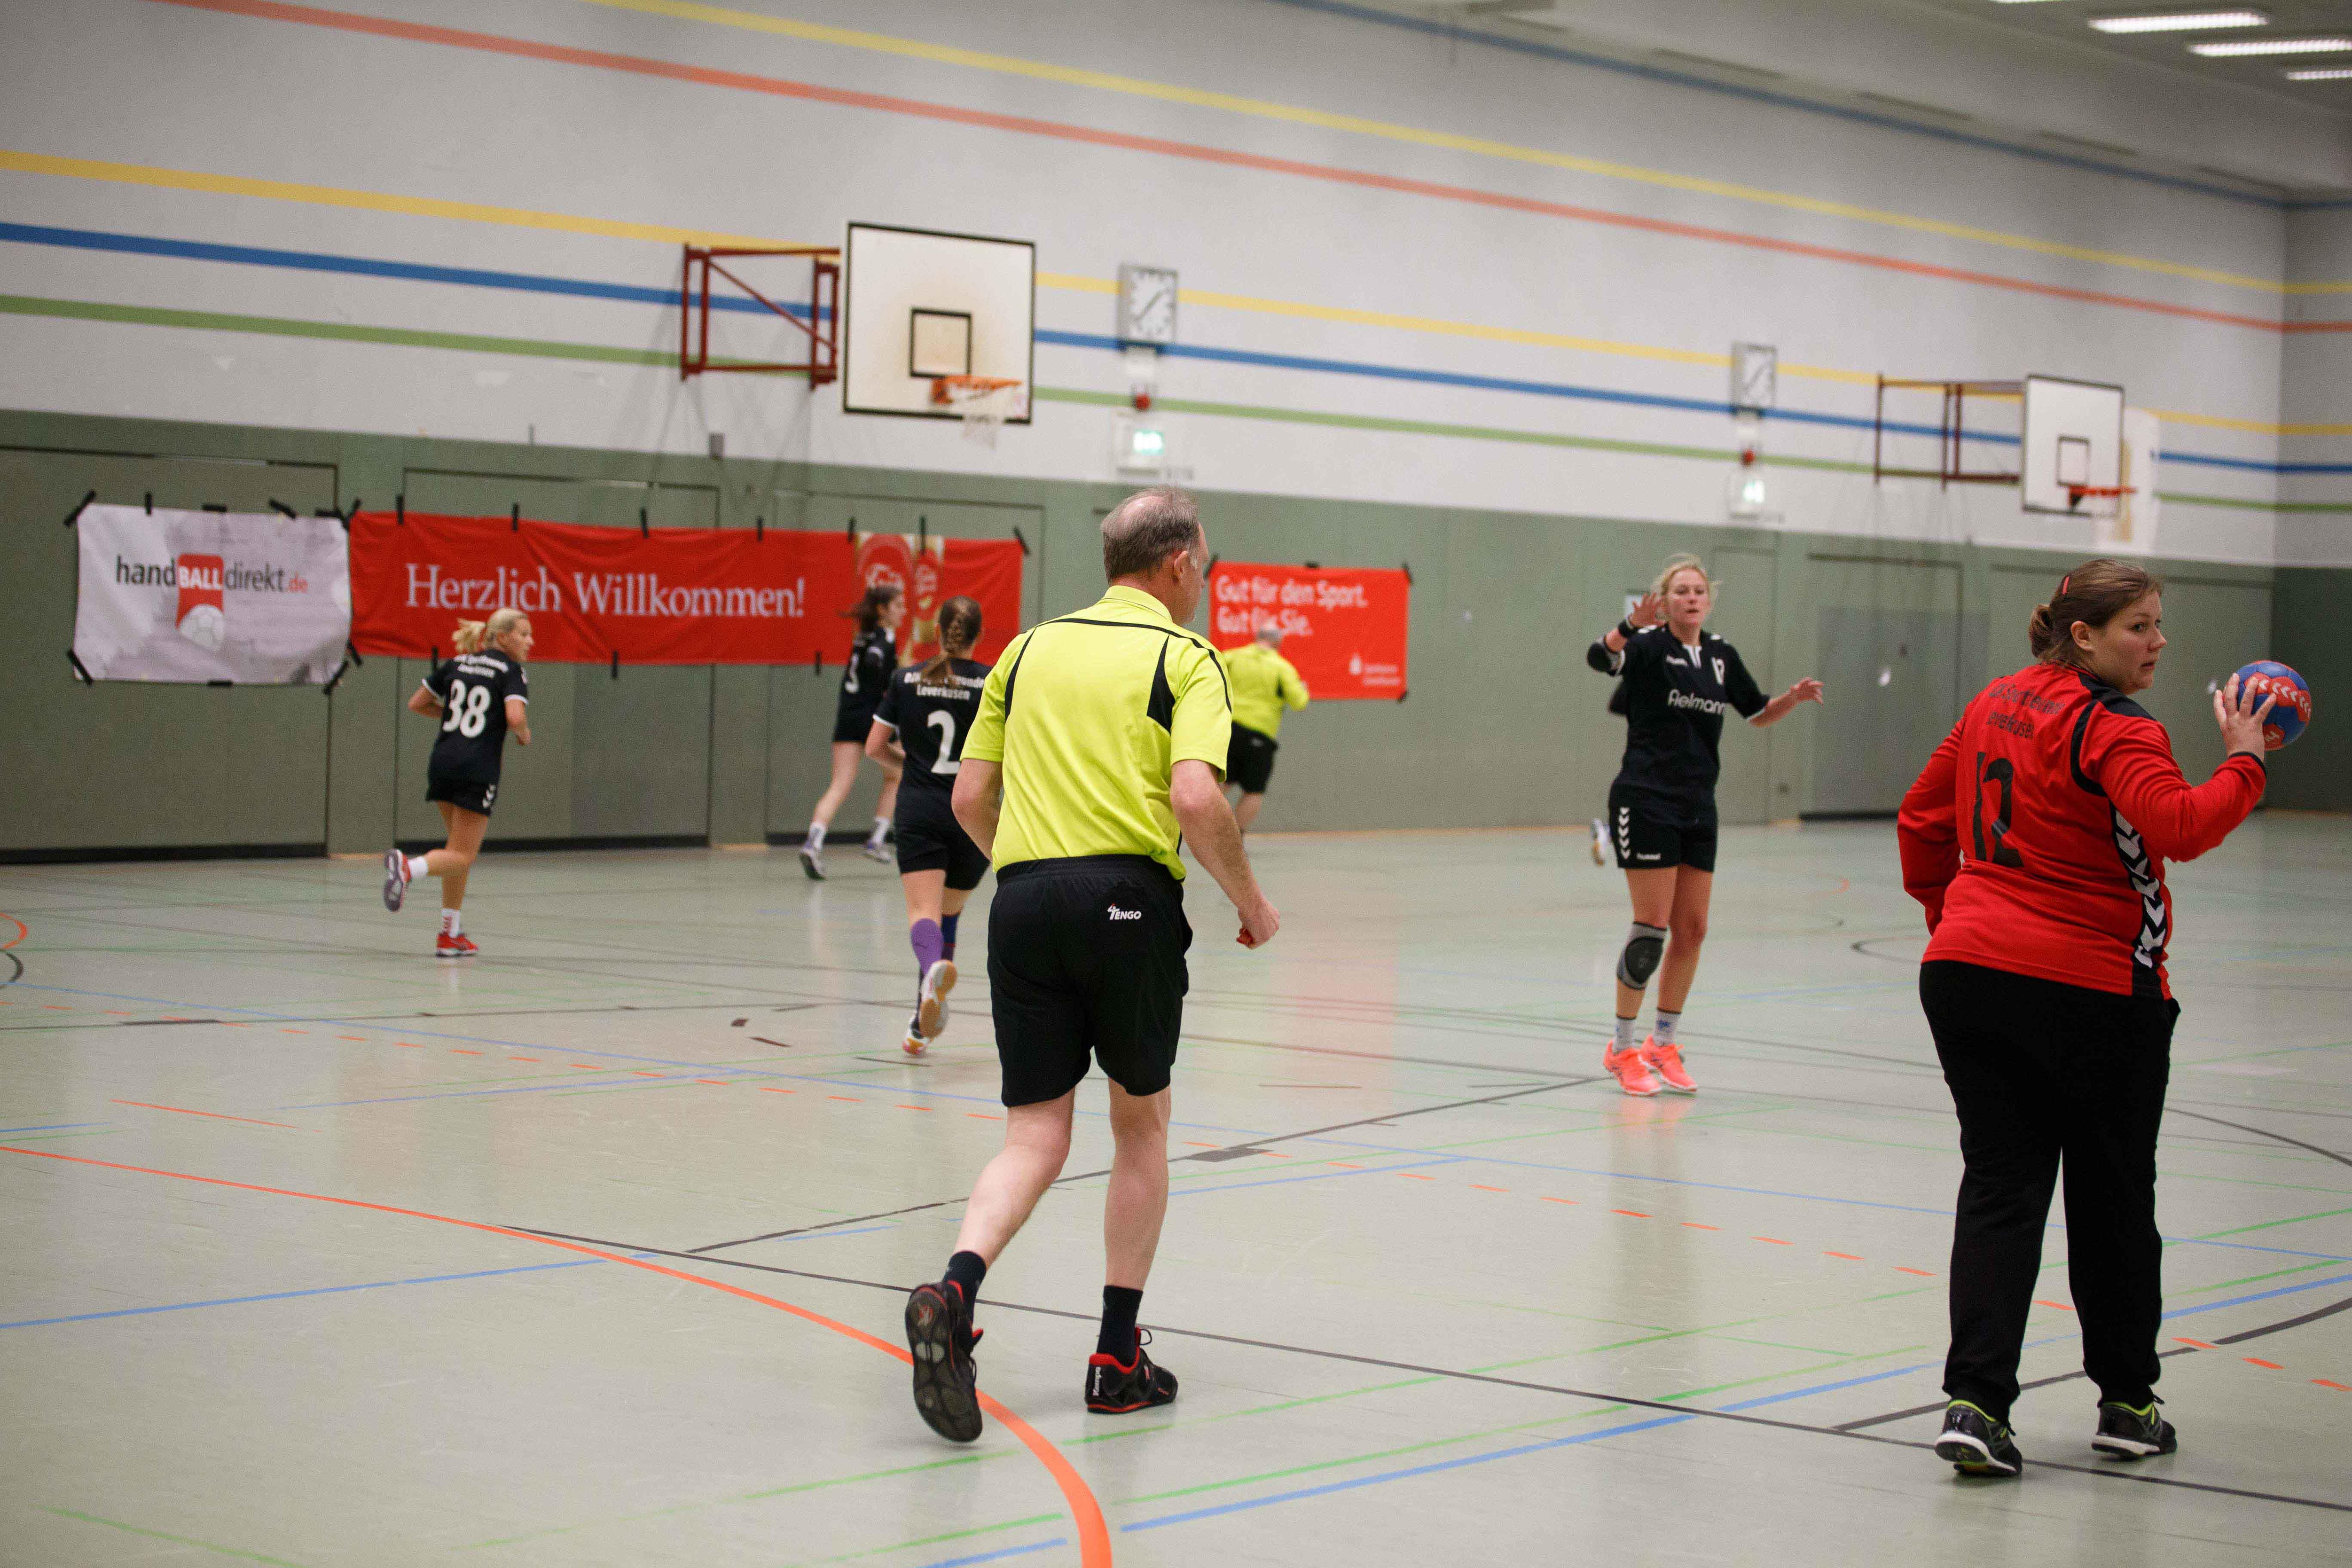 Handball0807